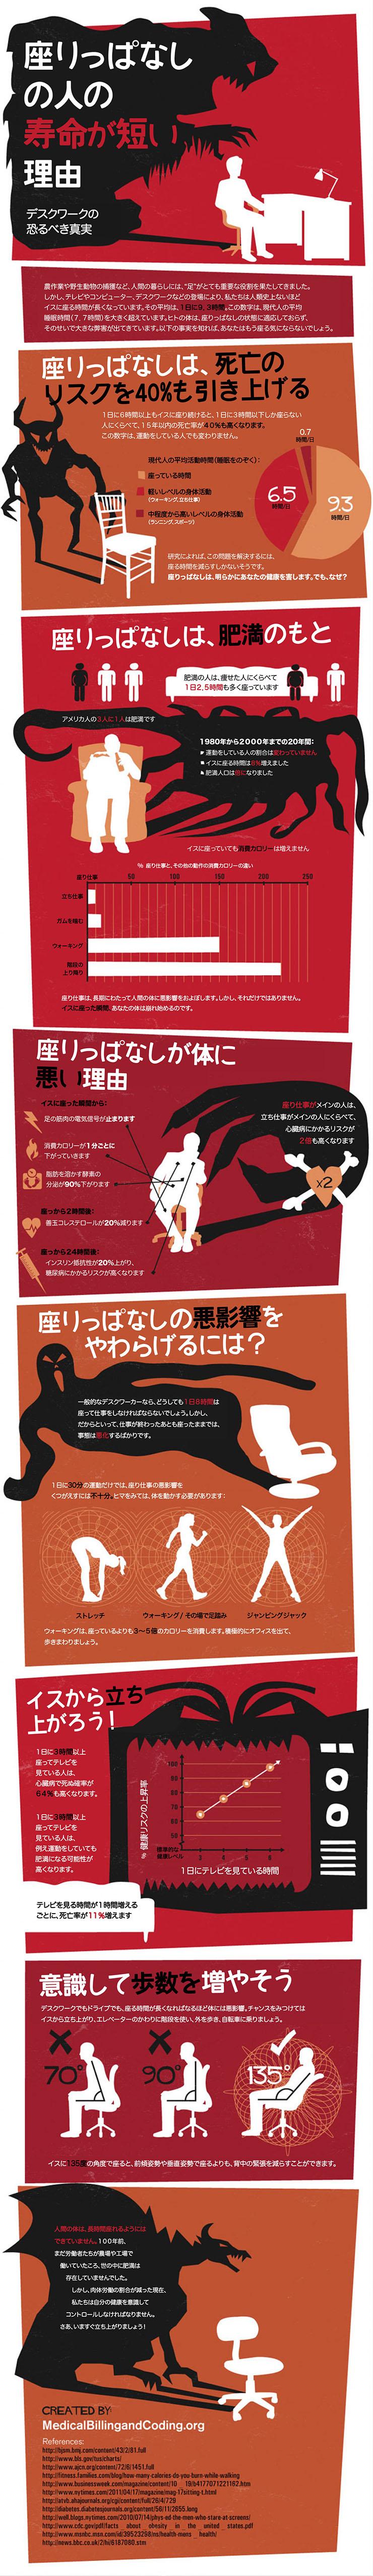 インフォグラフィック:イスの正しい座り方。長時間座り続けると40%も死亡率が高くなる